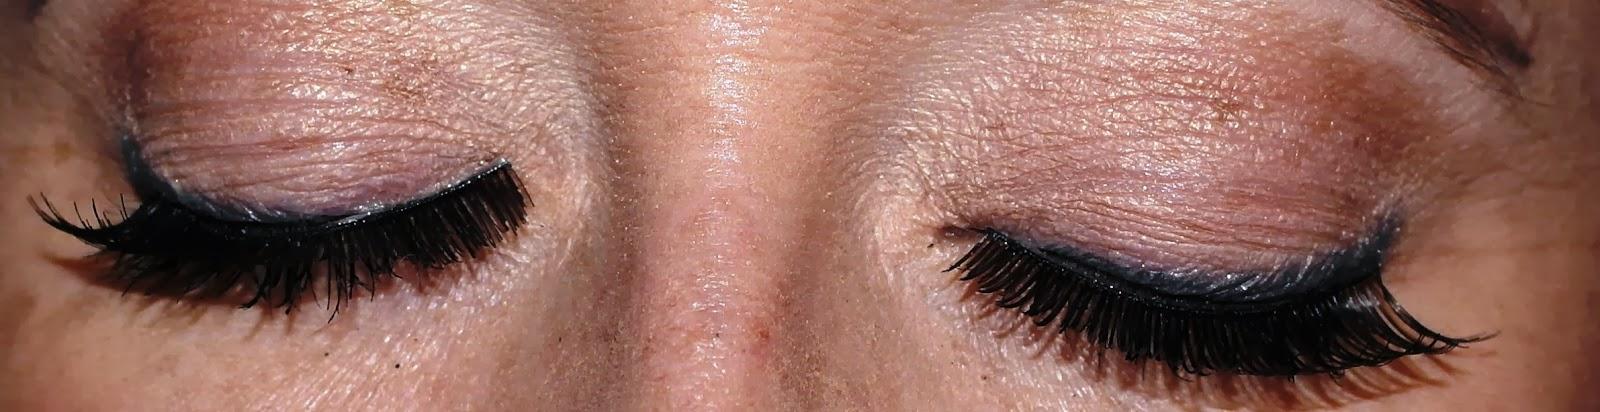 Makeup University Inc ELF 1 false eyelashes at